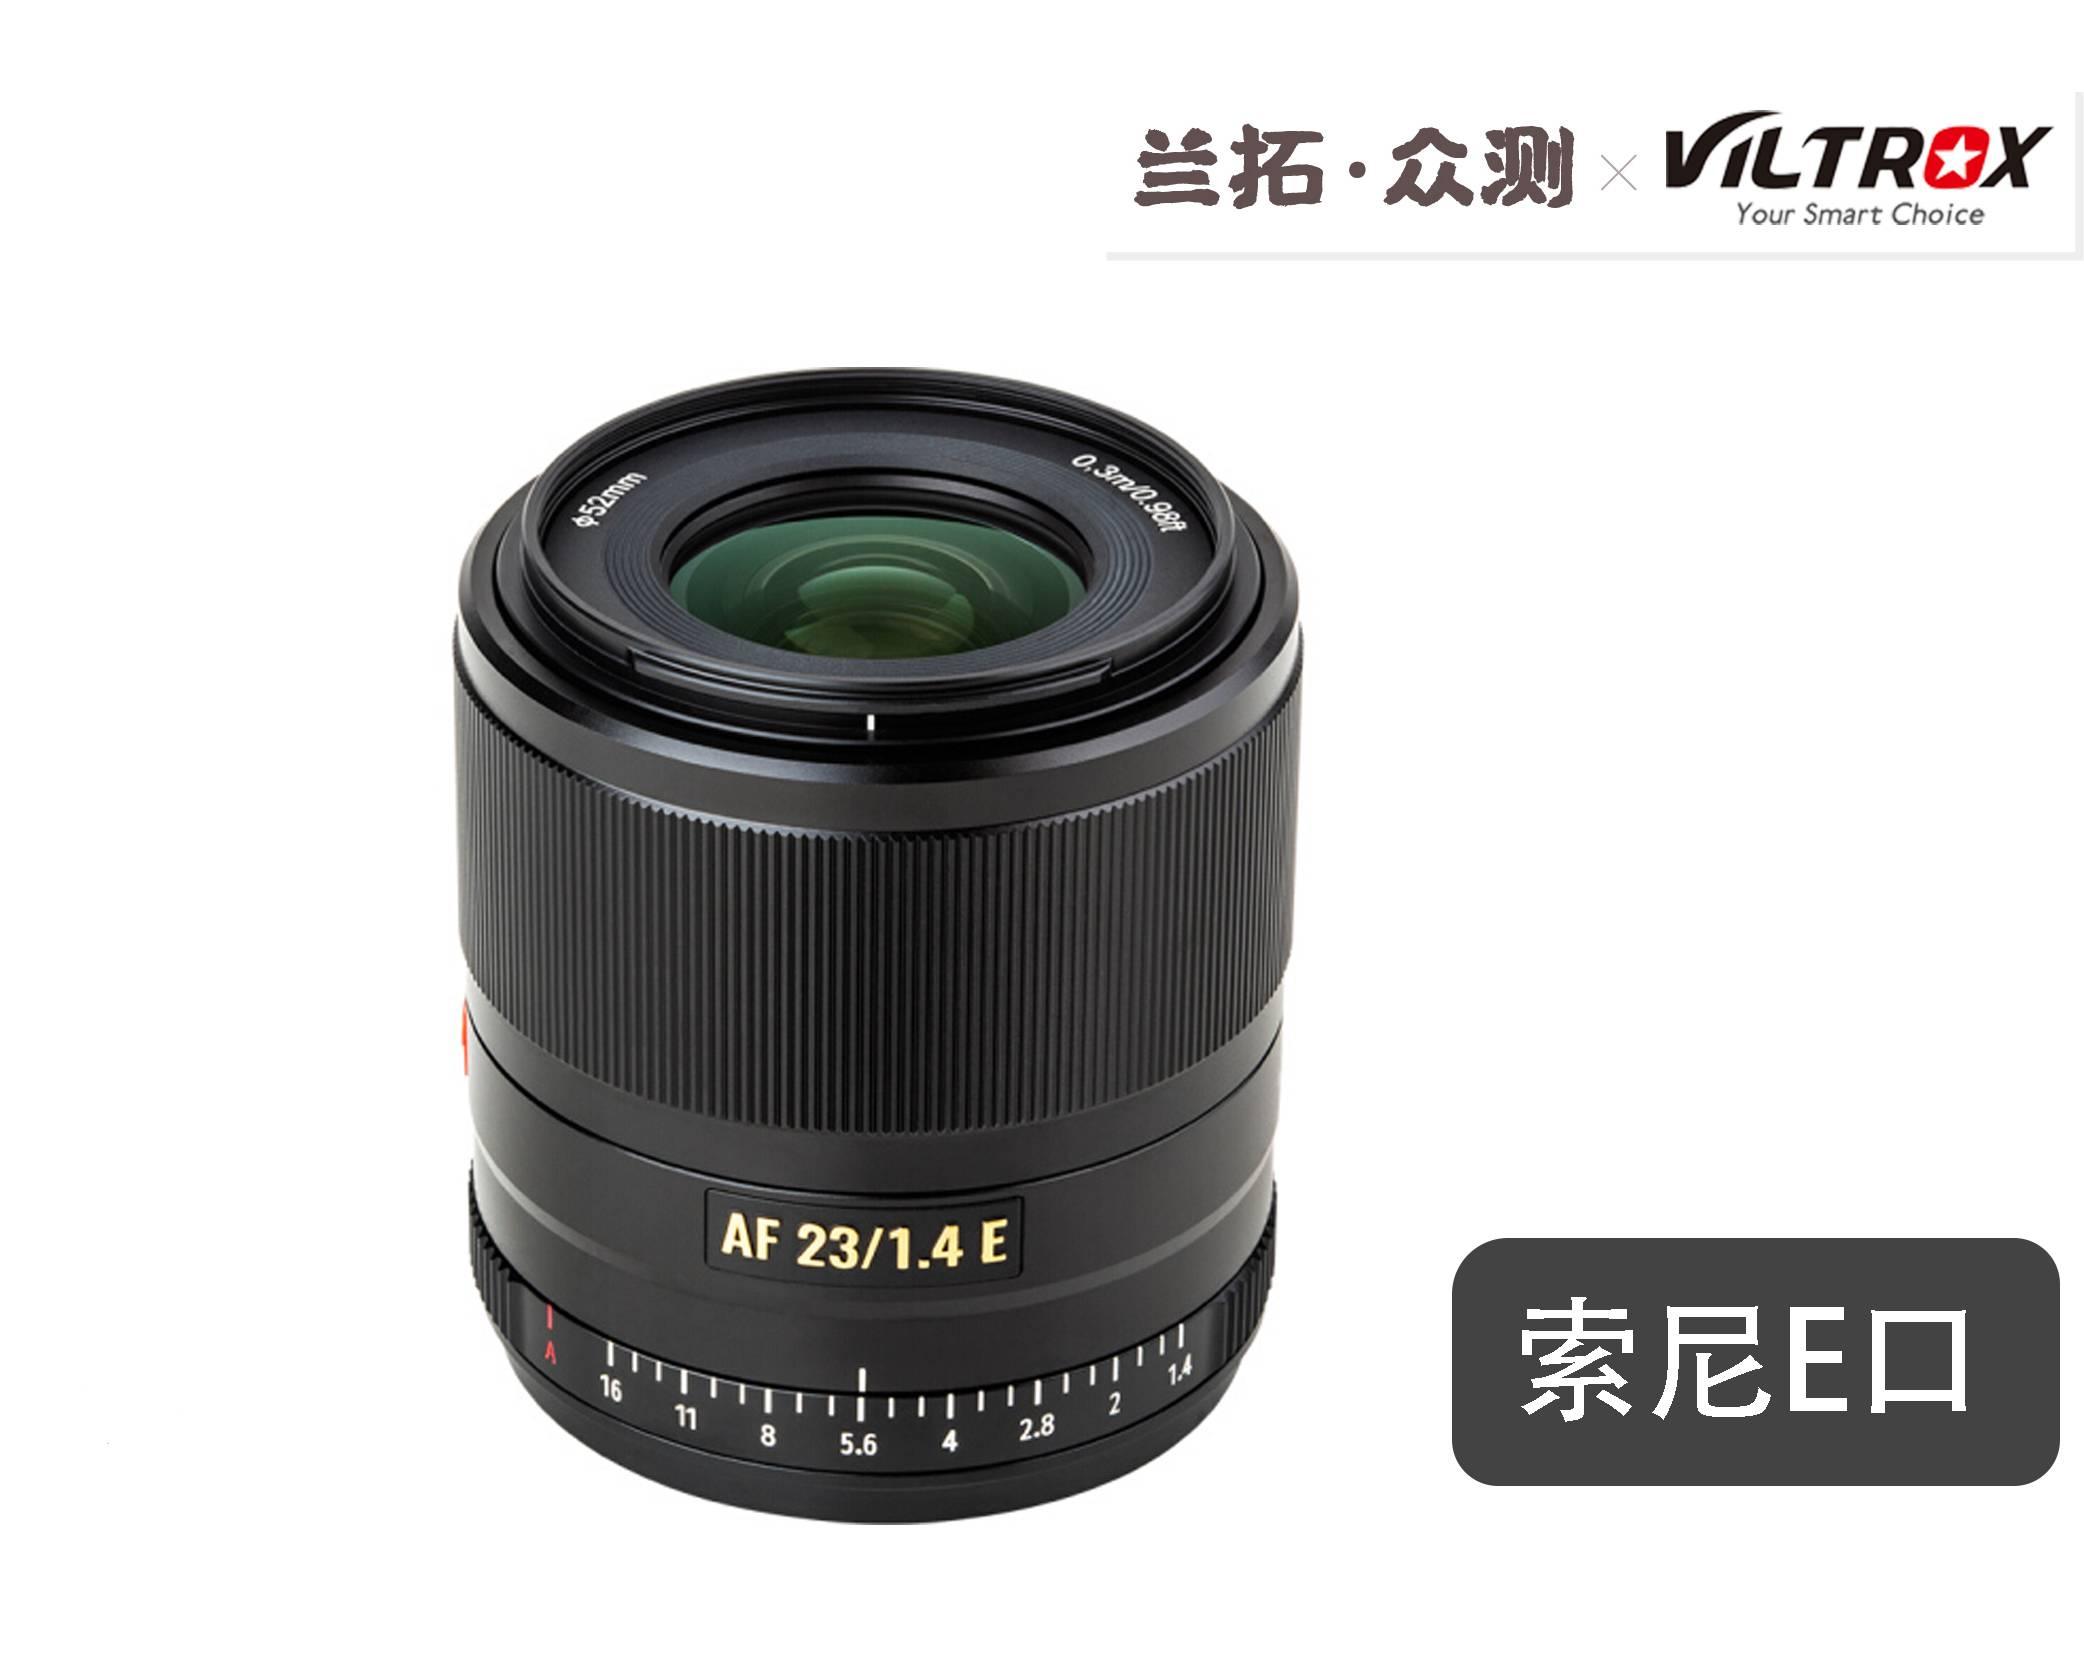 【新品来袭】唯卓仕23mm F1.4 索尼E口